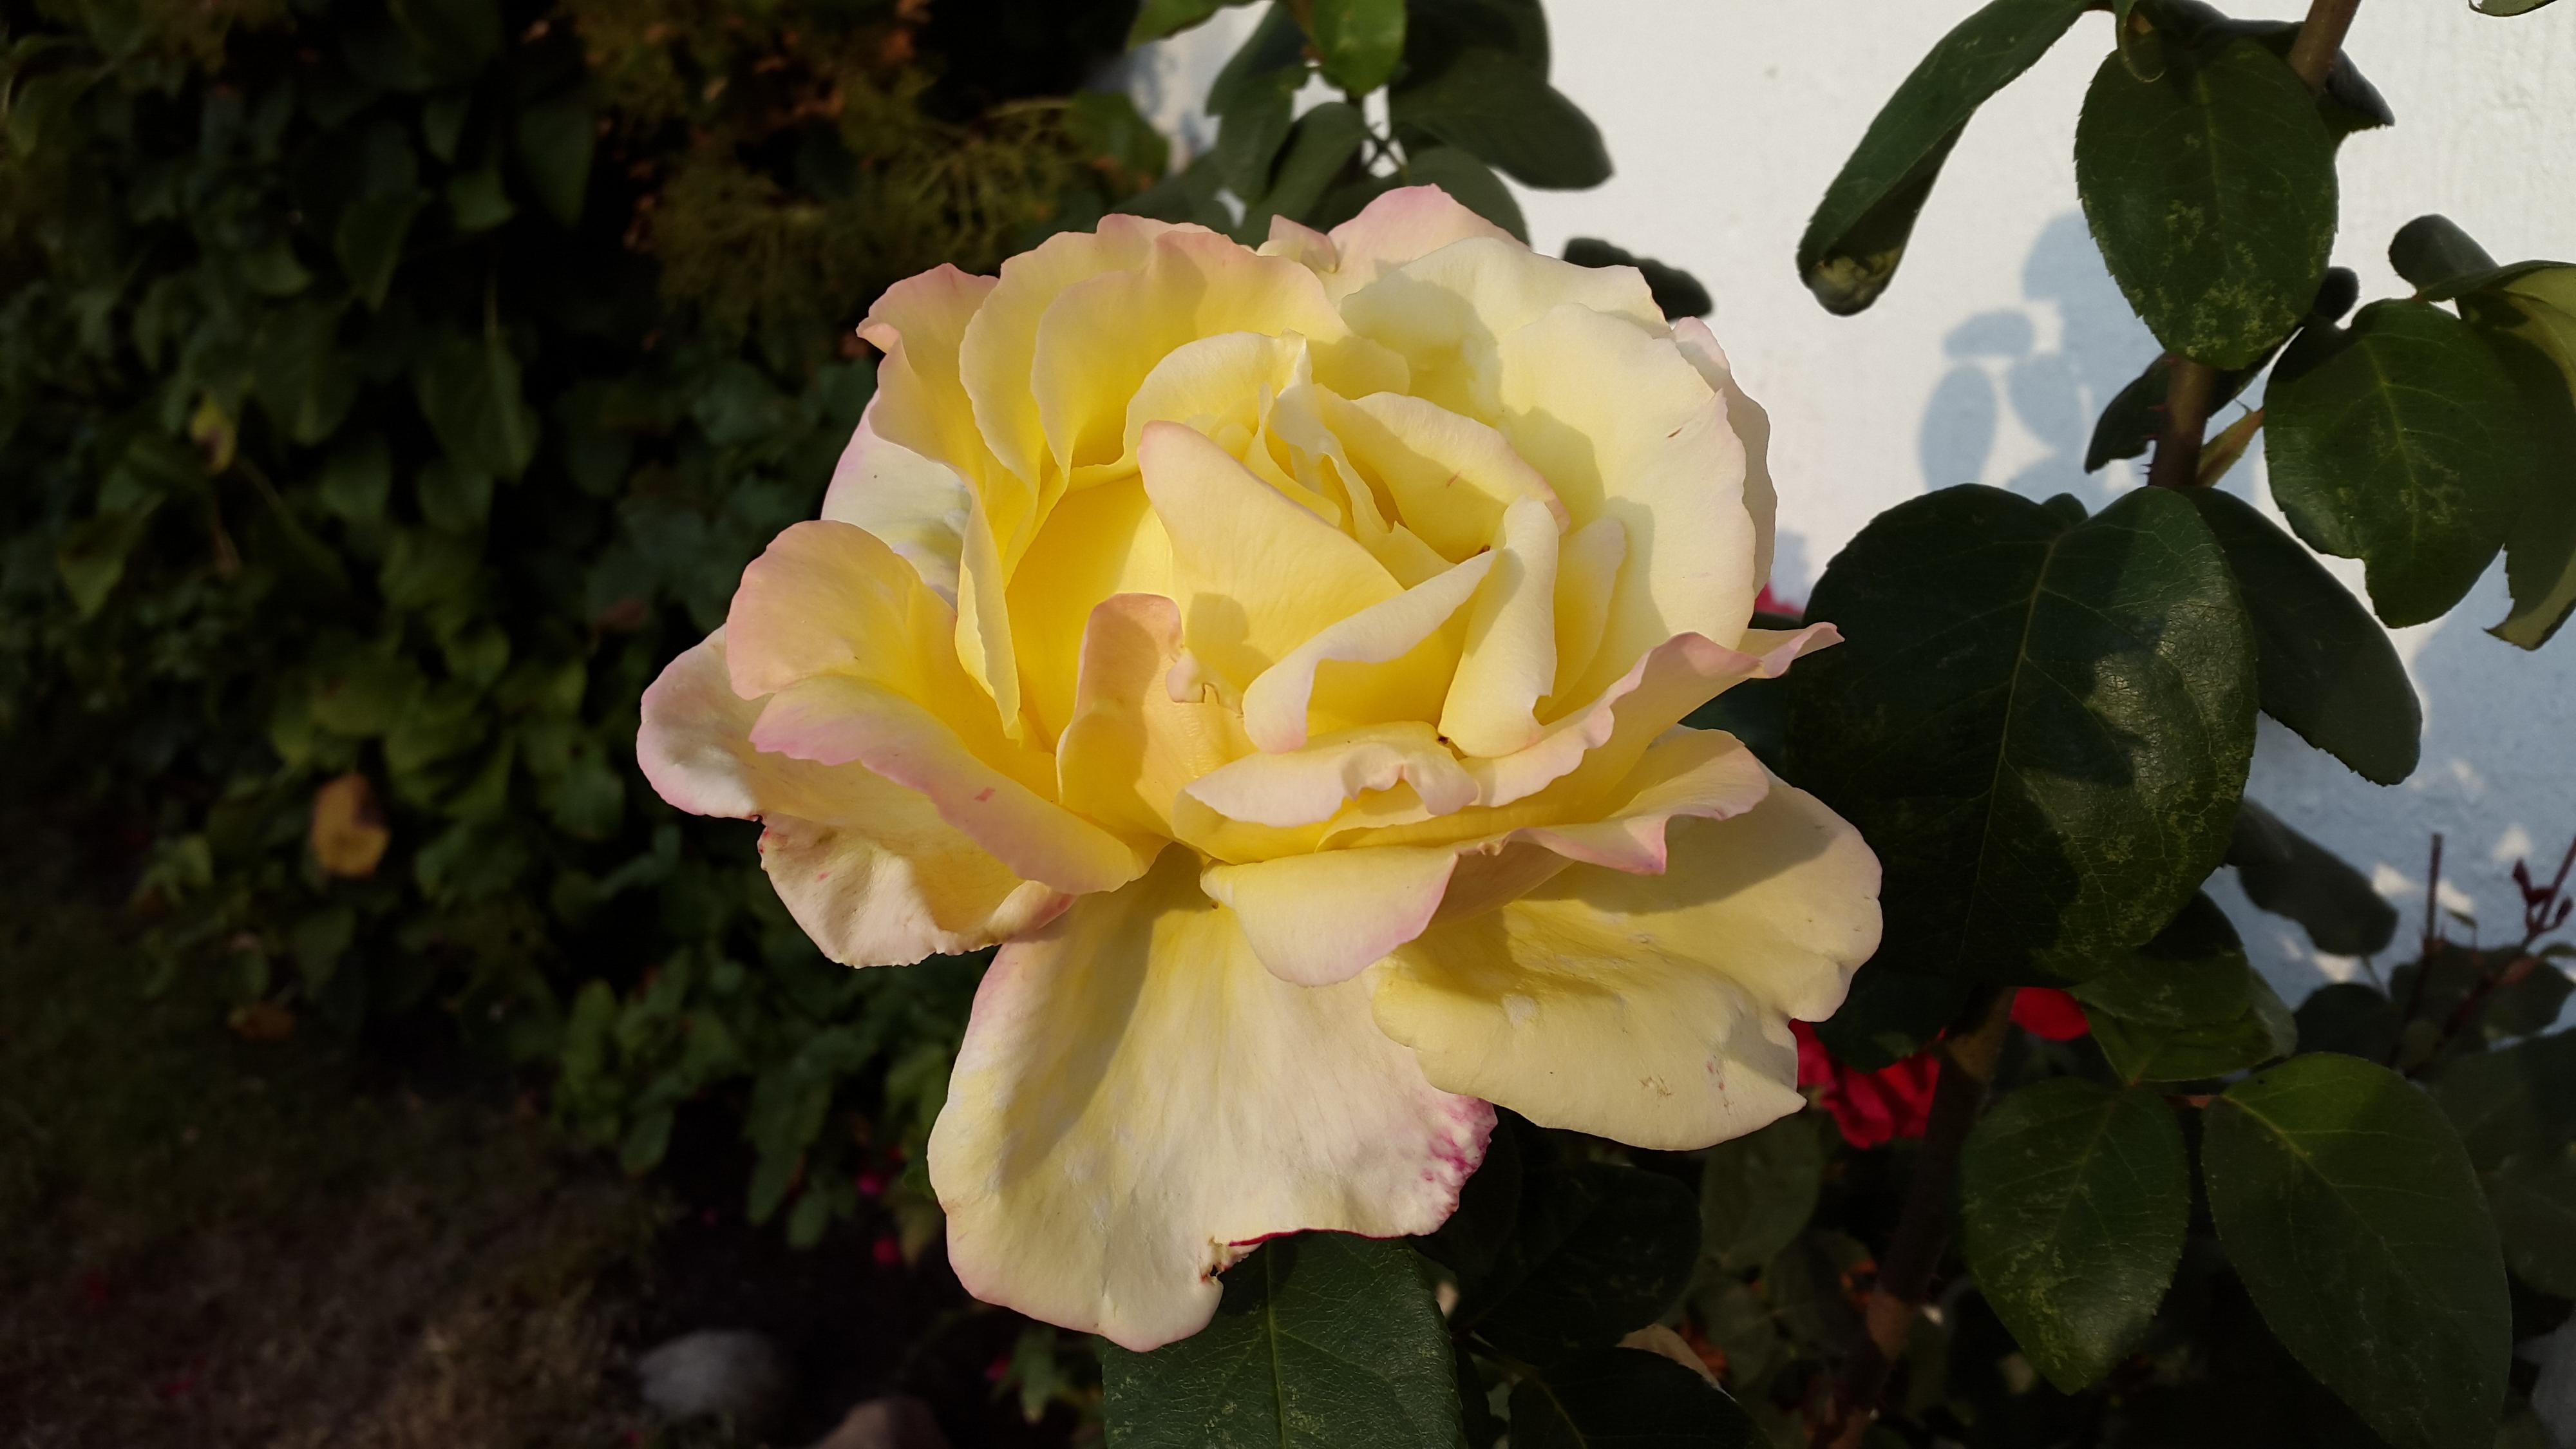 Nærbilde av blomst.